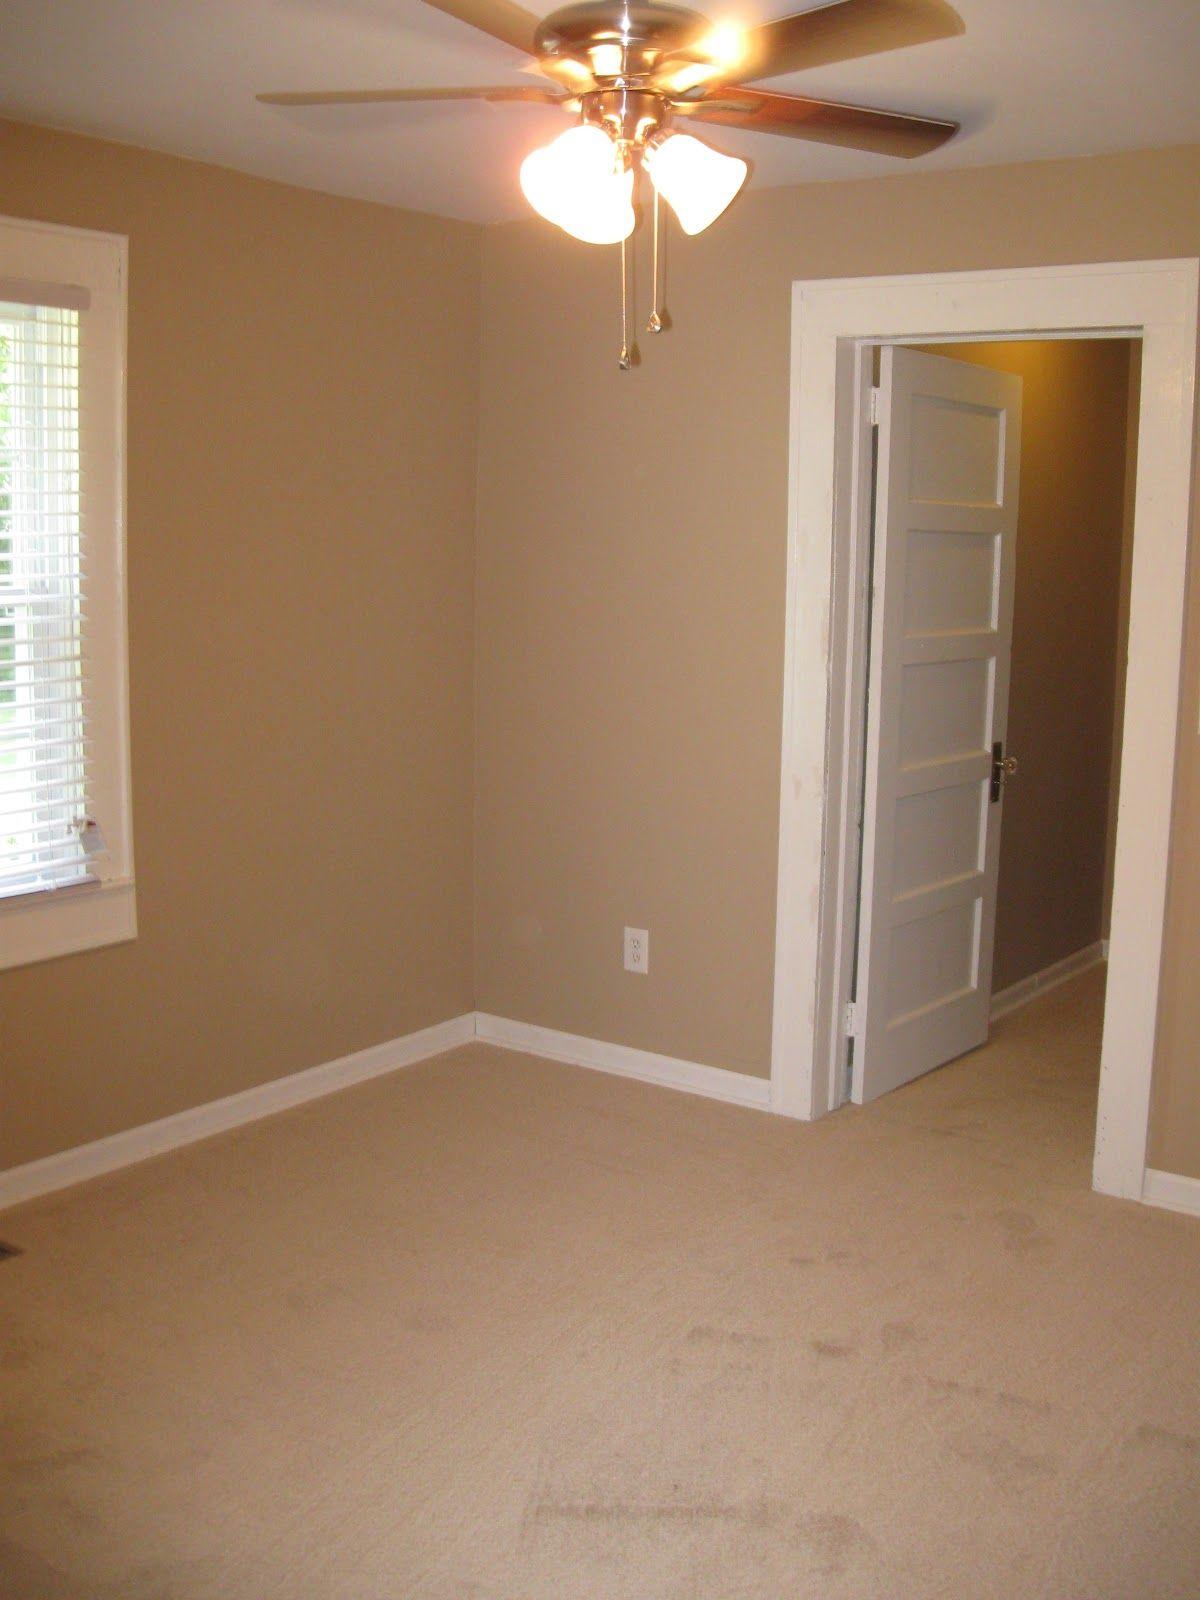 Image result for beige walls white trim | cottage | Pinterest ...